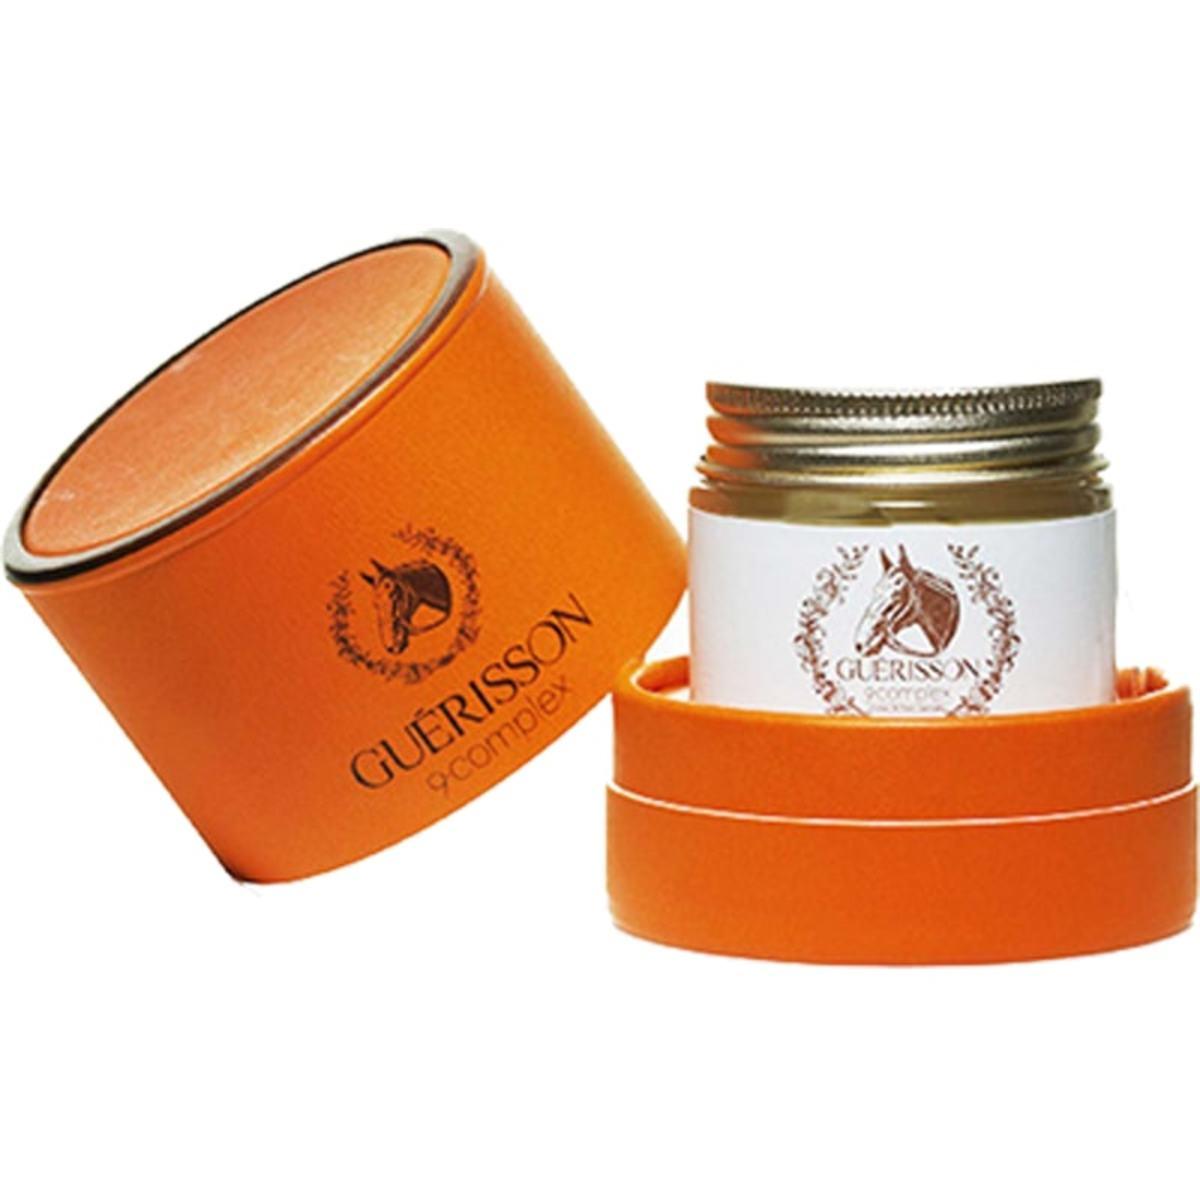 Guerisson 格麗松 神奇馬油萬用膏  9-complex cream 70g   橙色